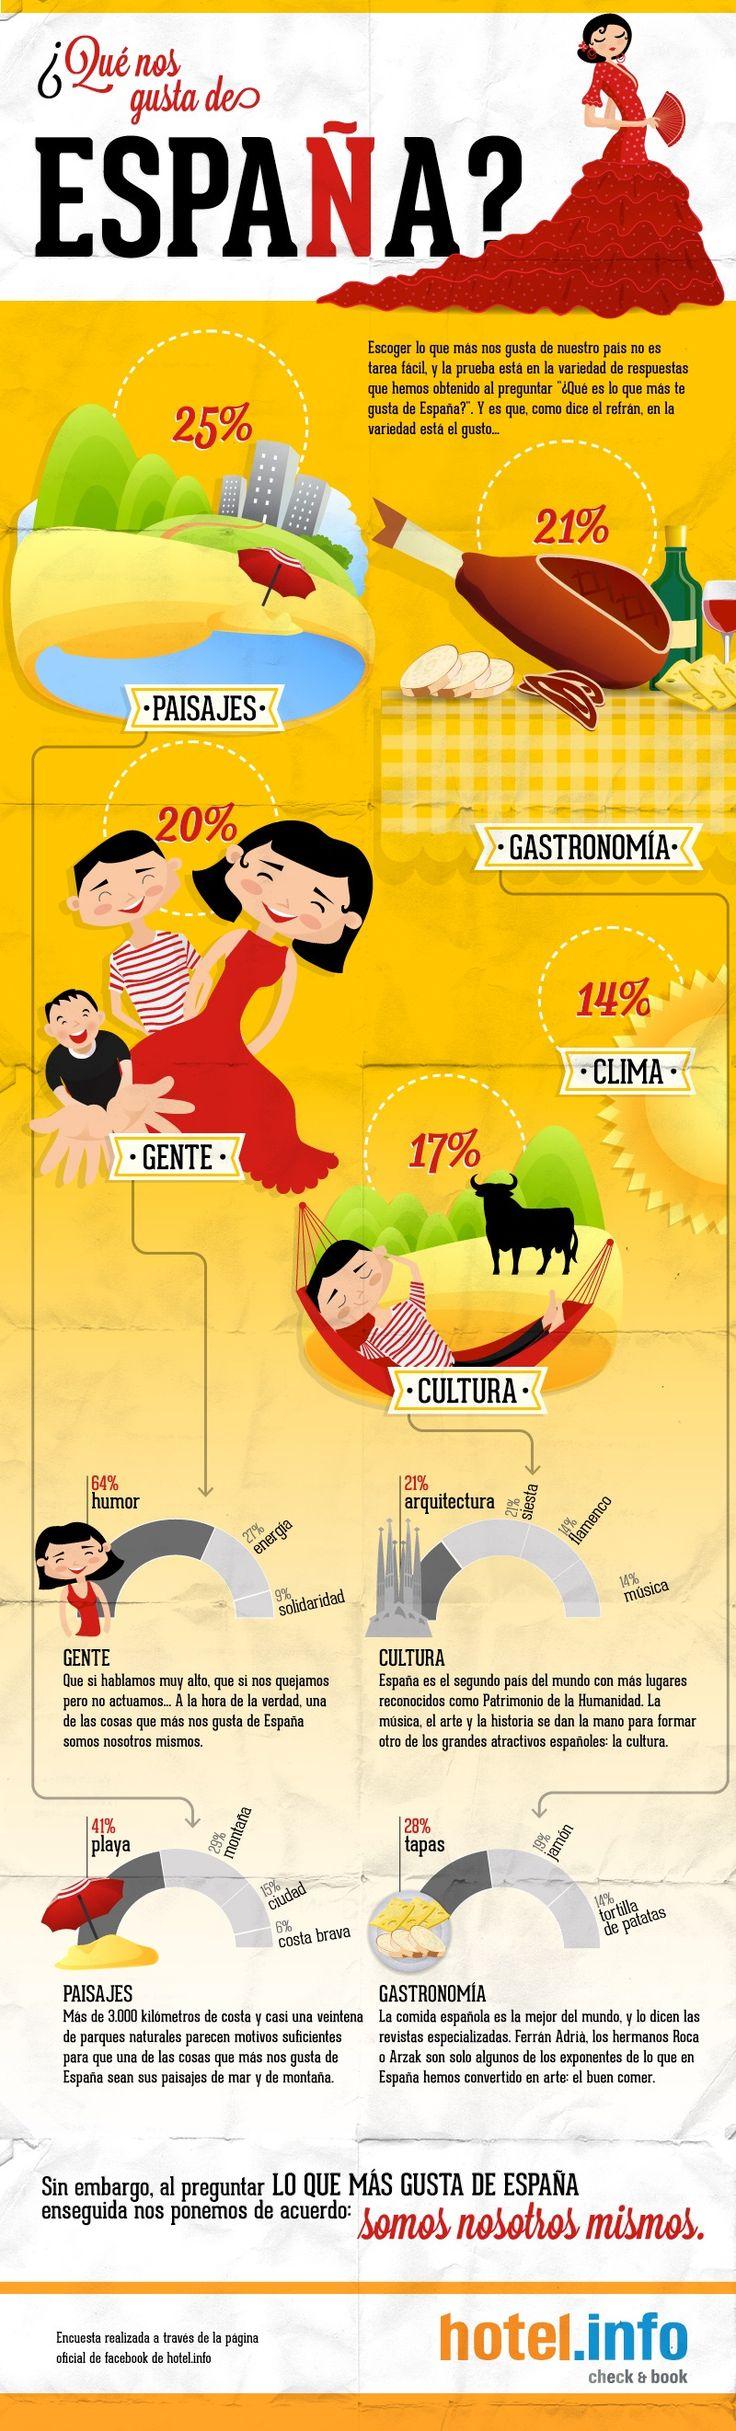 ¿Qué nos gusta de España? #Infographic | De todos es sabido, que España tiene encantos de sobra y para todos los gustos. La prefieren los ingleses, los alemanes y hasta los holandeses. El clima, las playas, la cultura y la comida son valores geográficos y culturales de los que nos debemos sentir, más que afortunados, orgullosos. Pero, además de esos atractivos tan conocidos por todos, ¿cuál otro recurso importante posee nuestra tierra? ¿De qué otra cosa nos podemos sentir orgullosos?